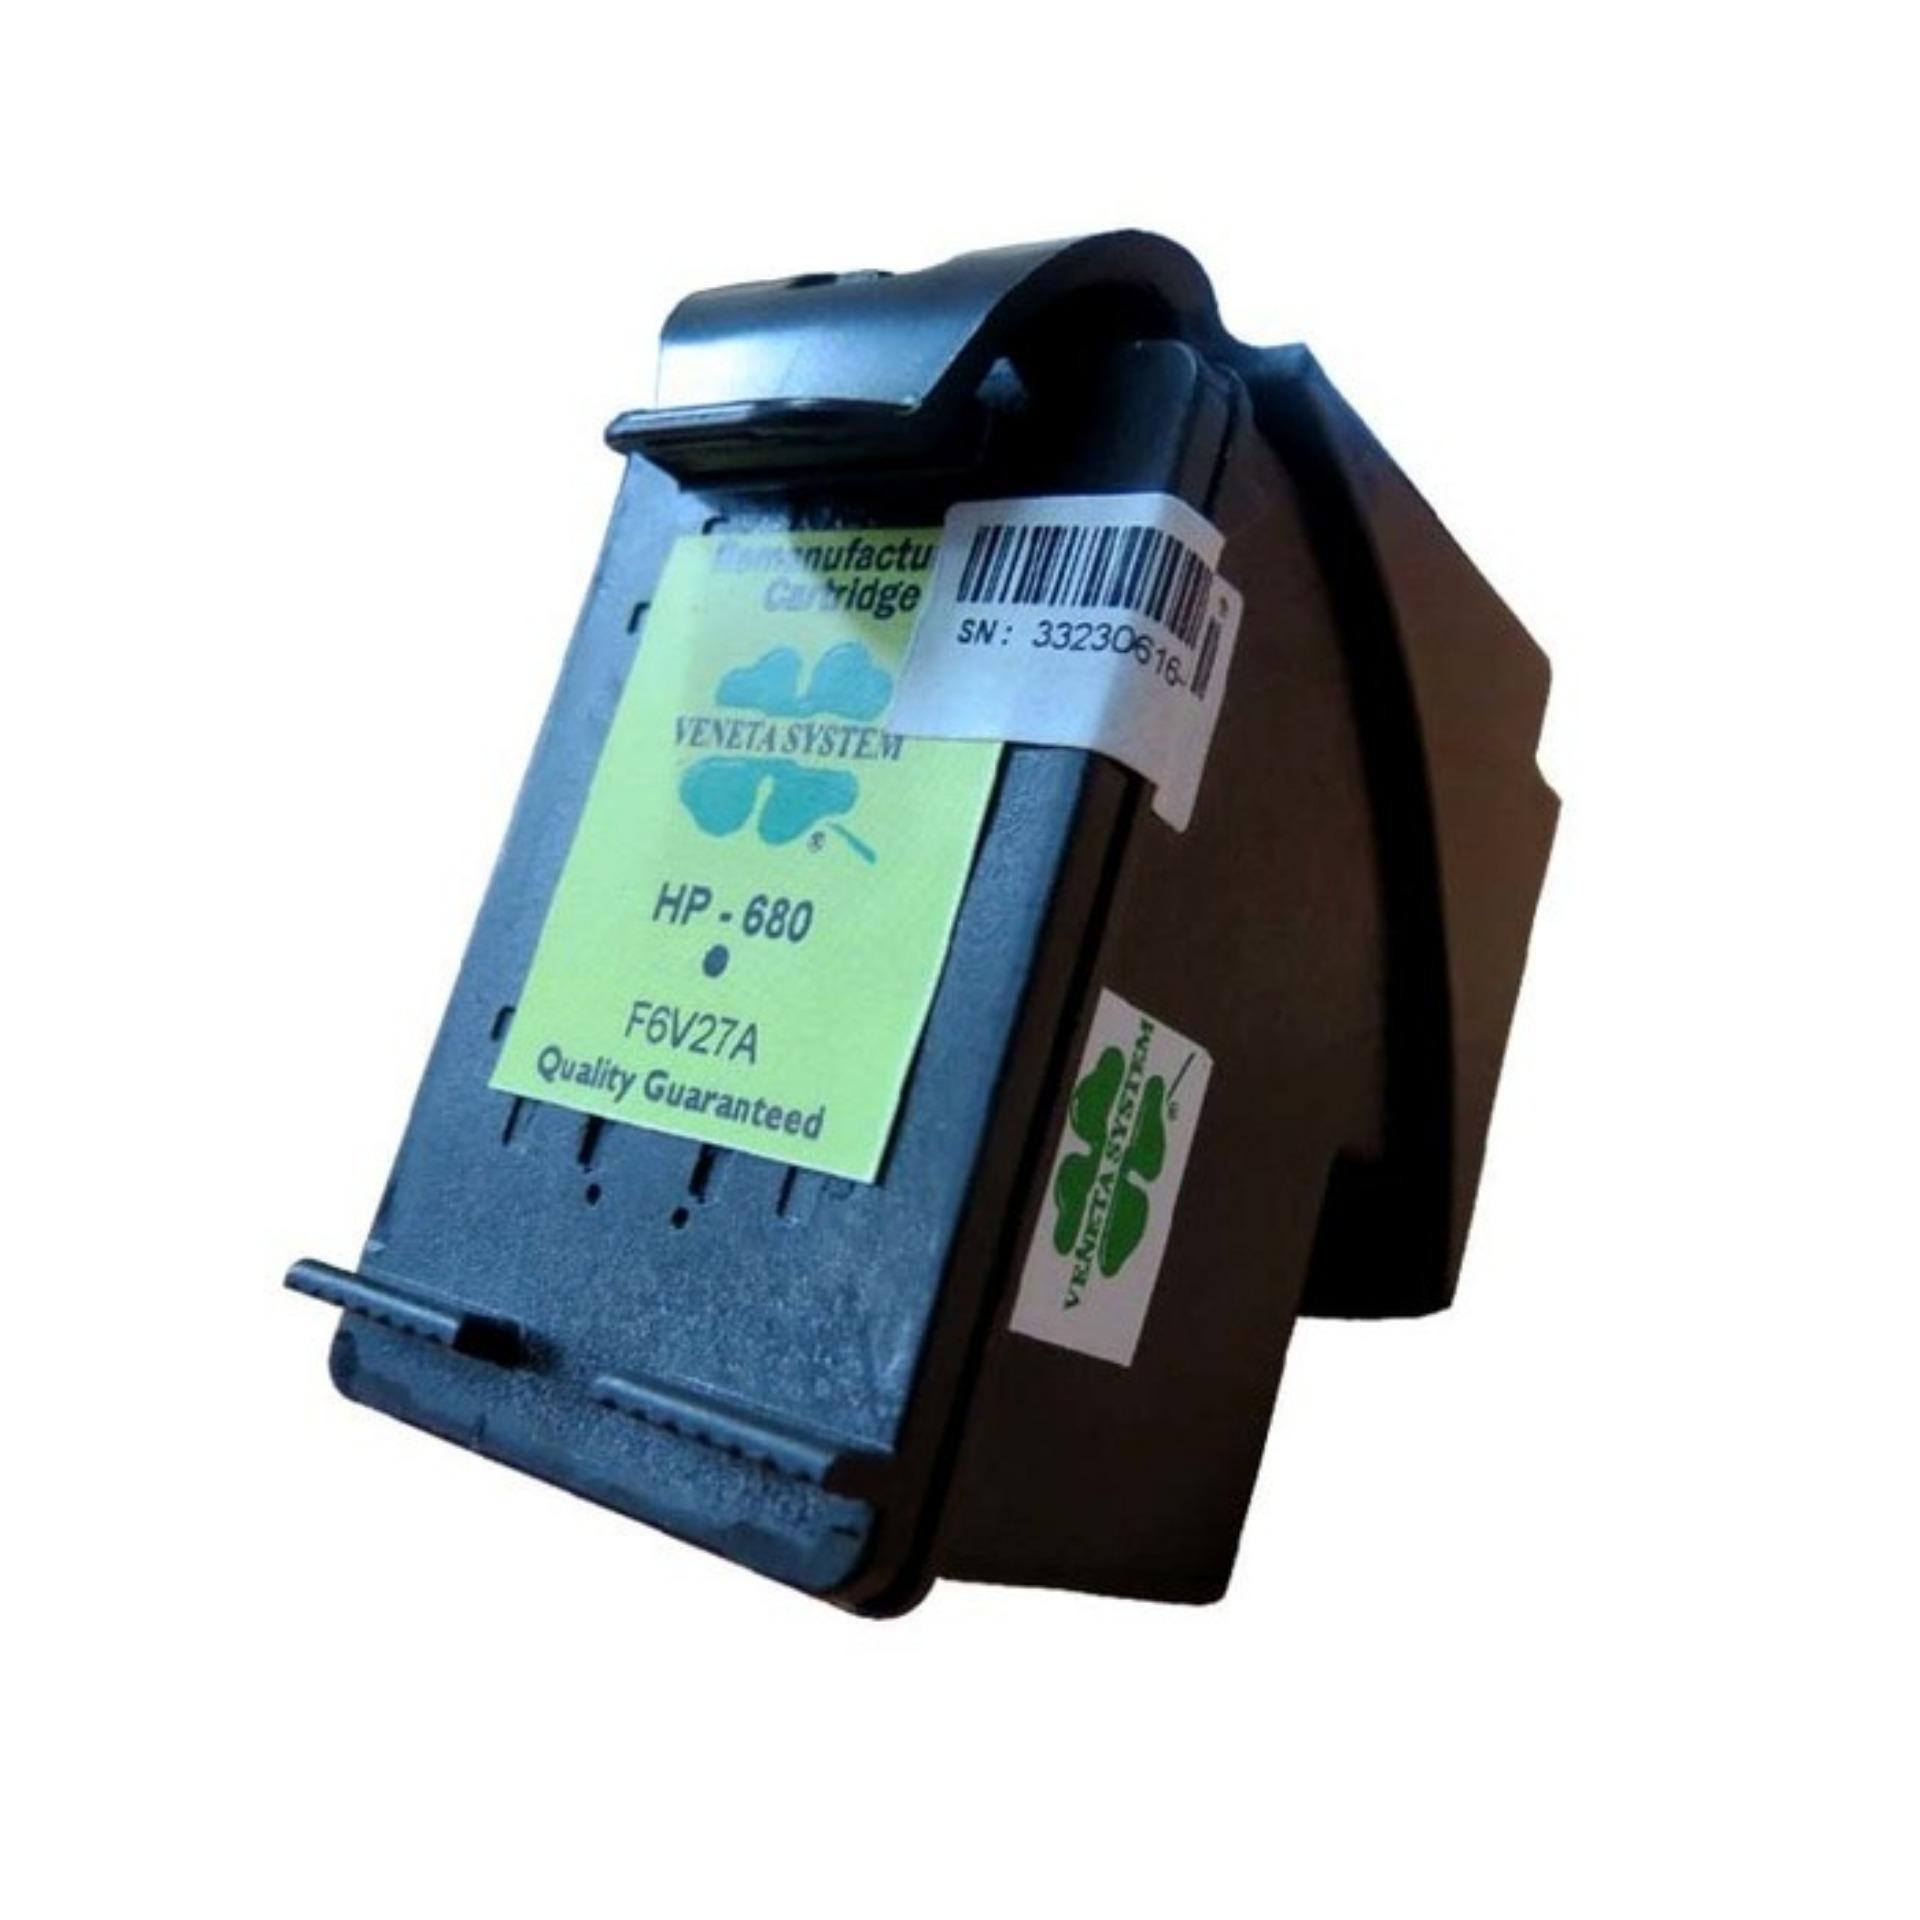 Veneta System - Cartridge HP680 (F6V27A) - Remanufactured - Black